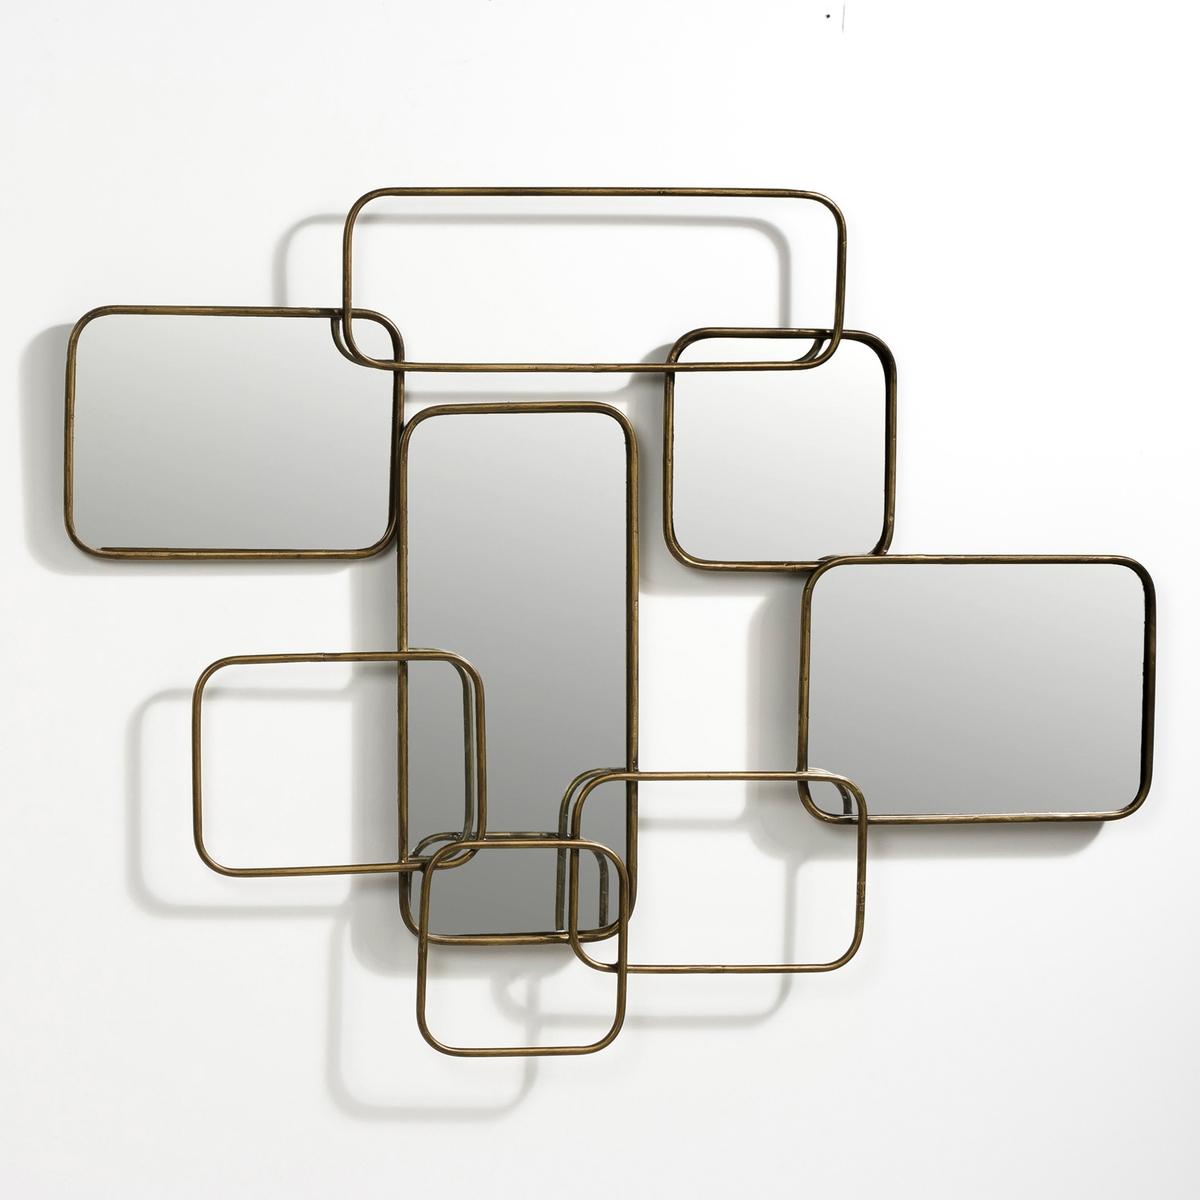 Specchio da parete L85 x A45 cm, Dédale